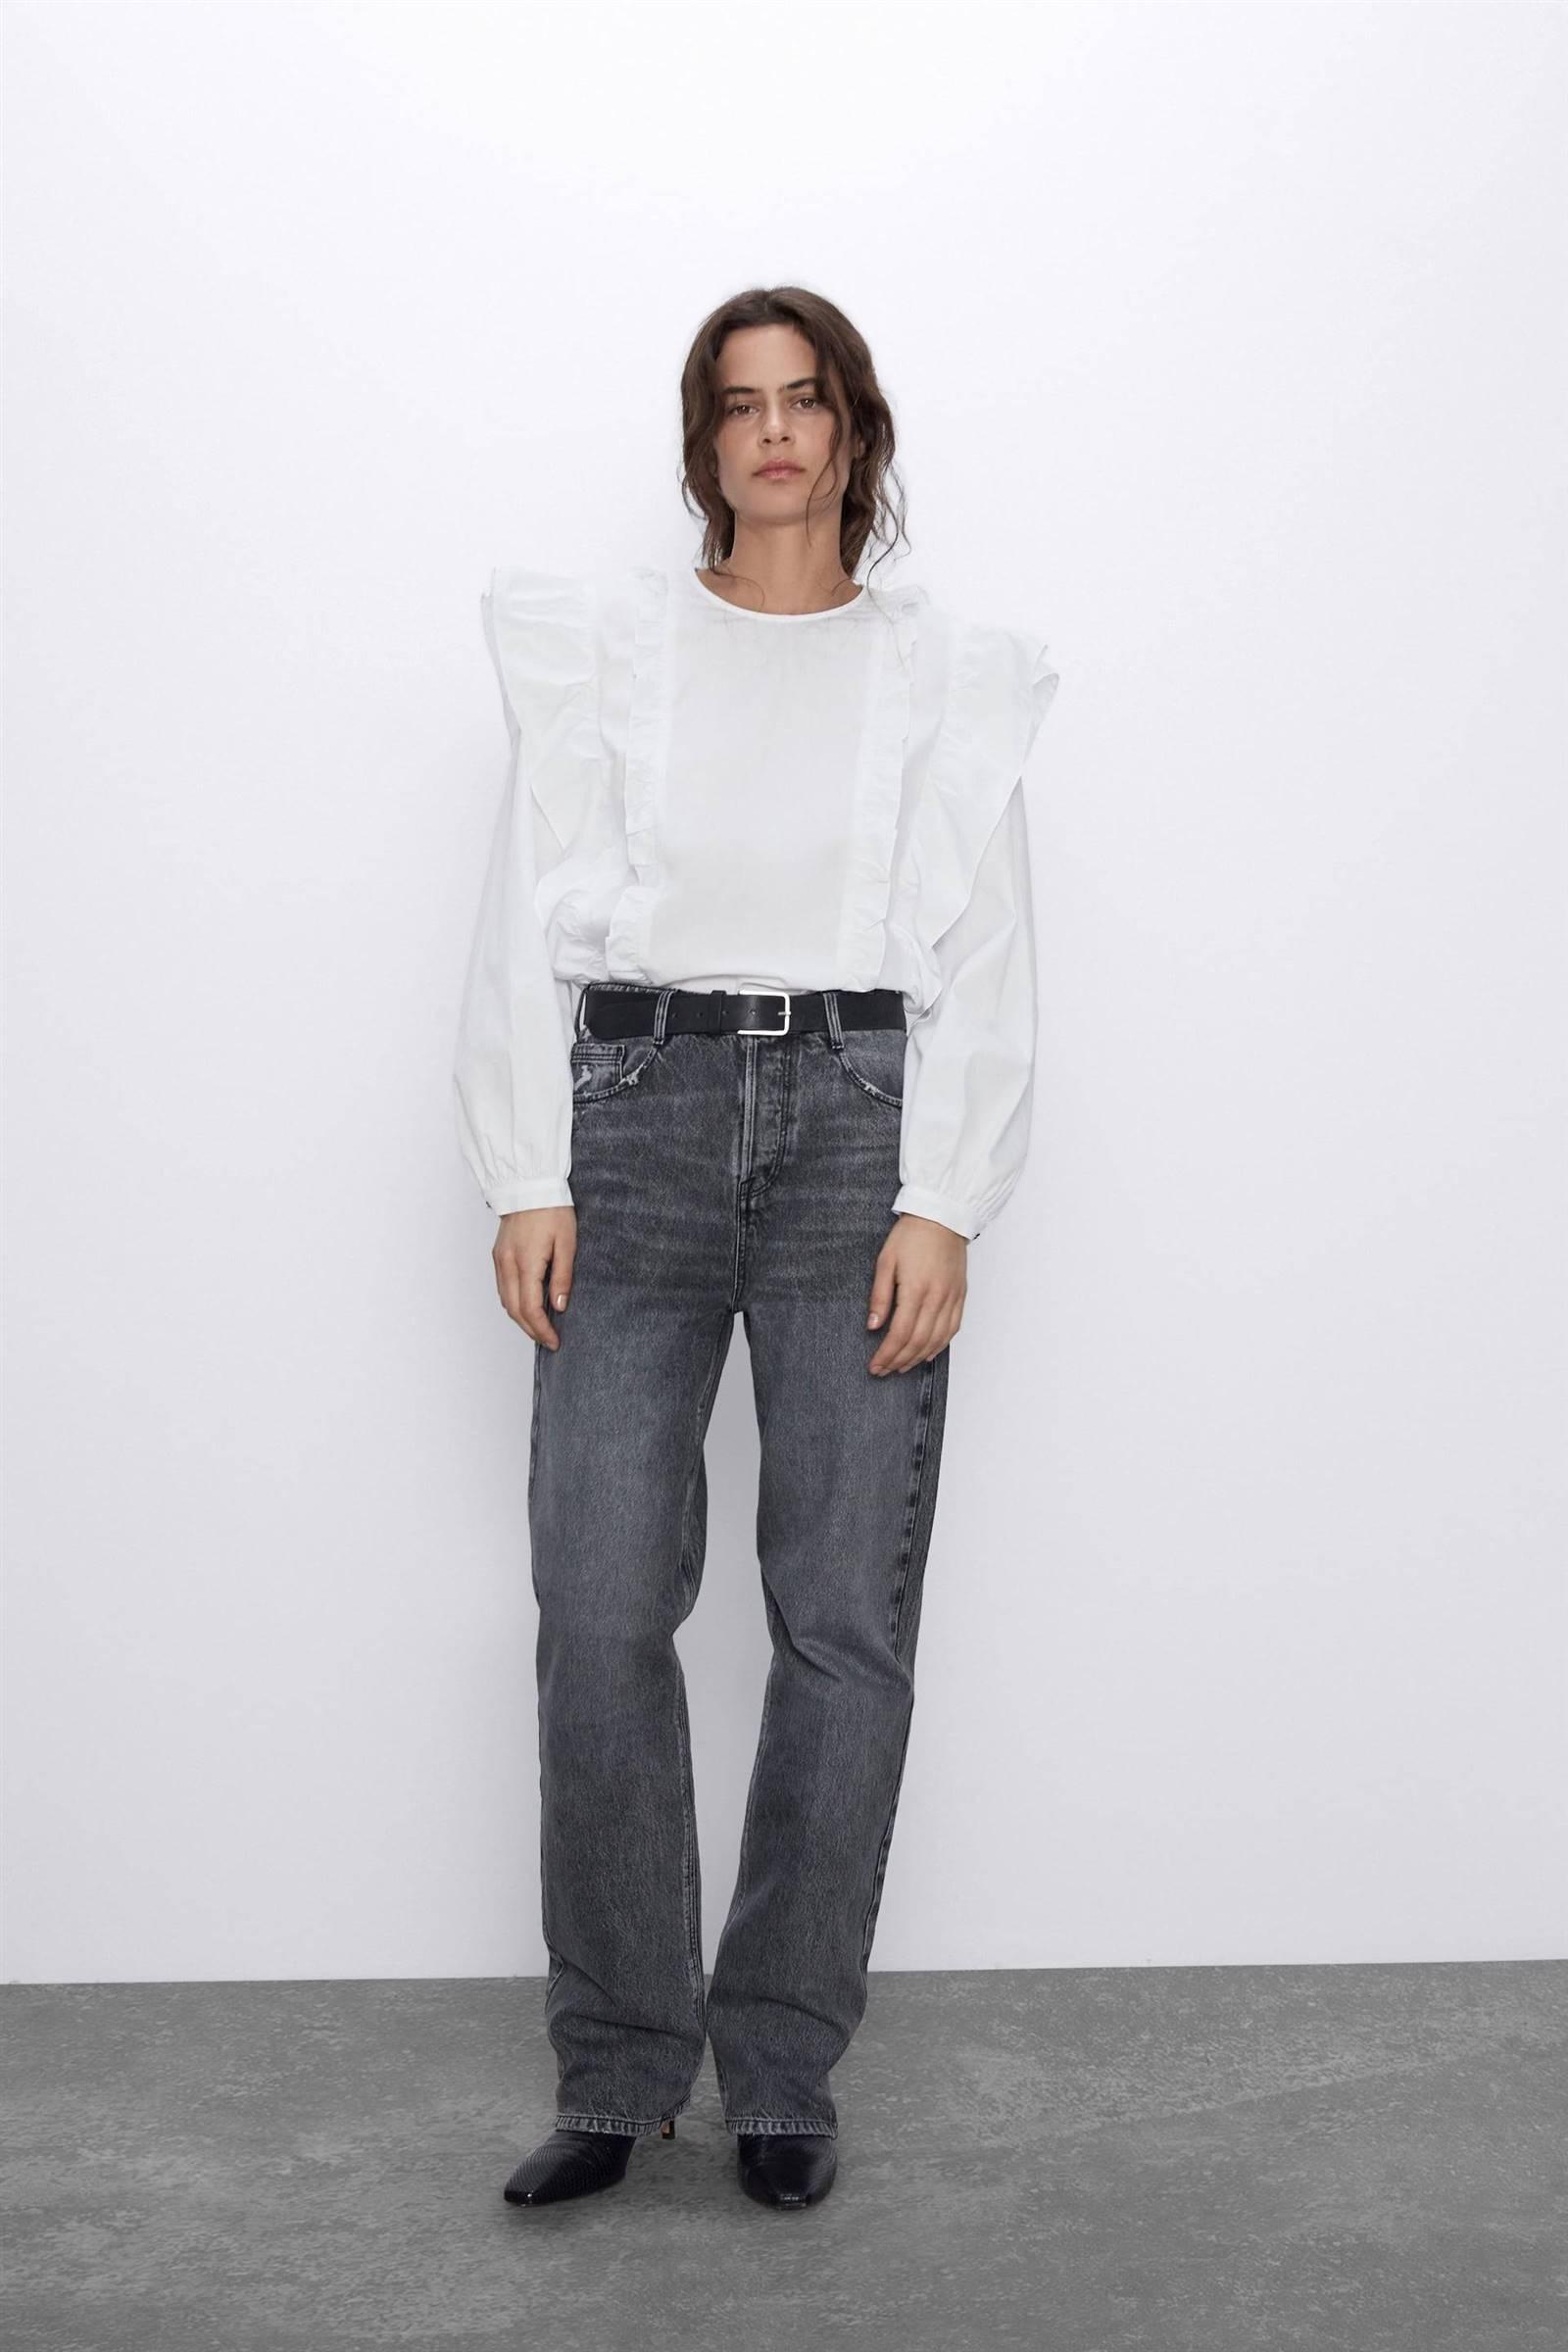 Las blusas blancas de Zara imprescindibles para el verano de